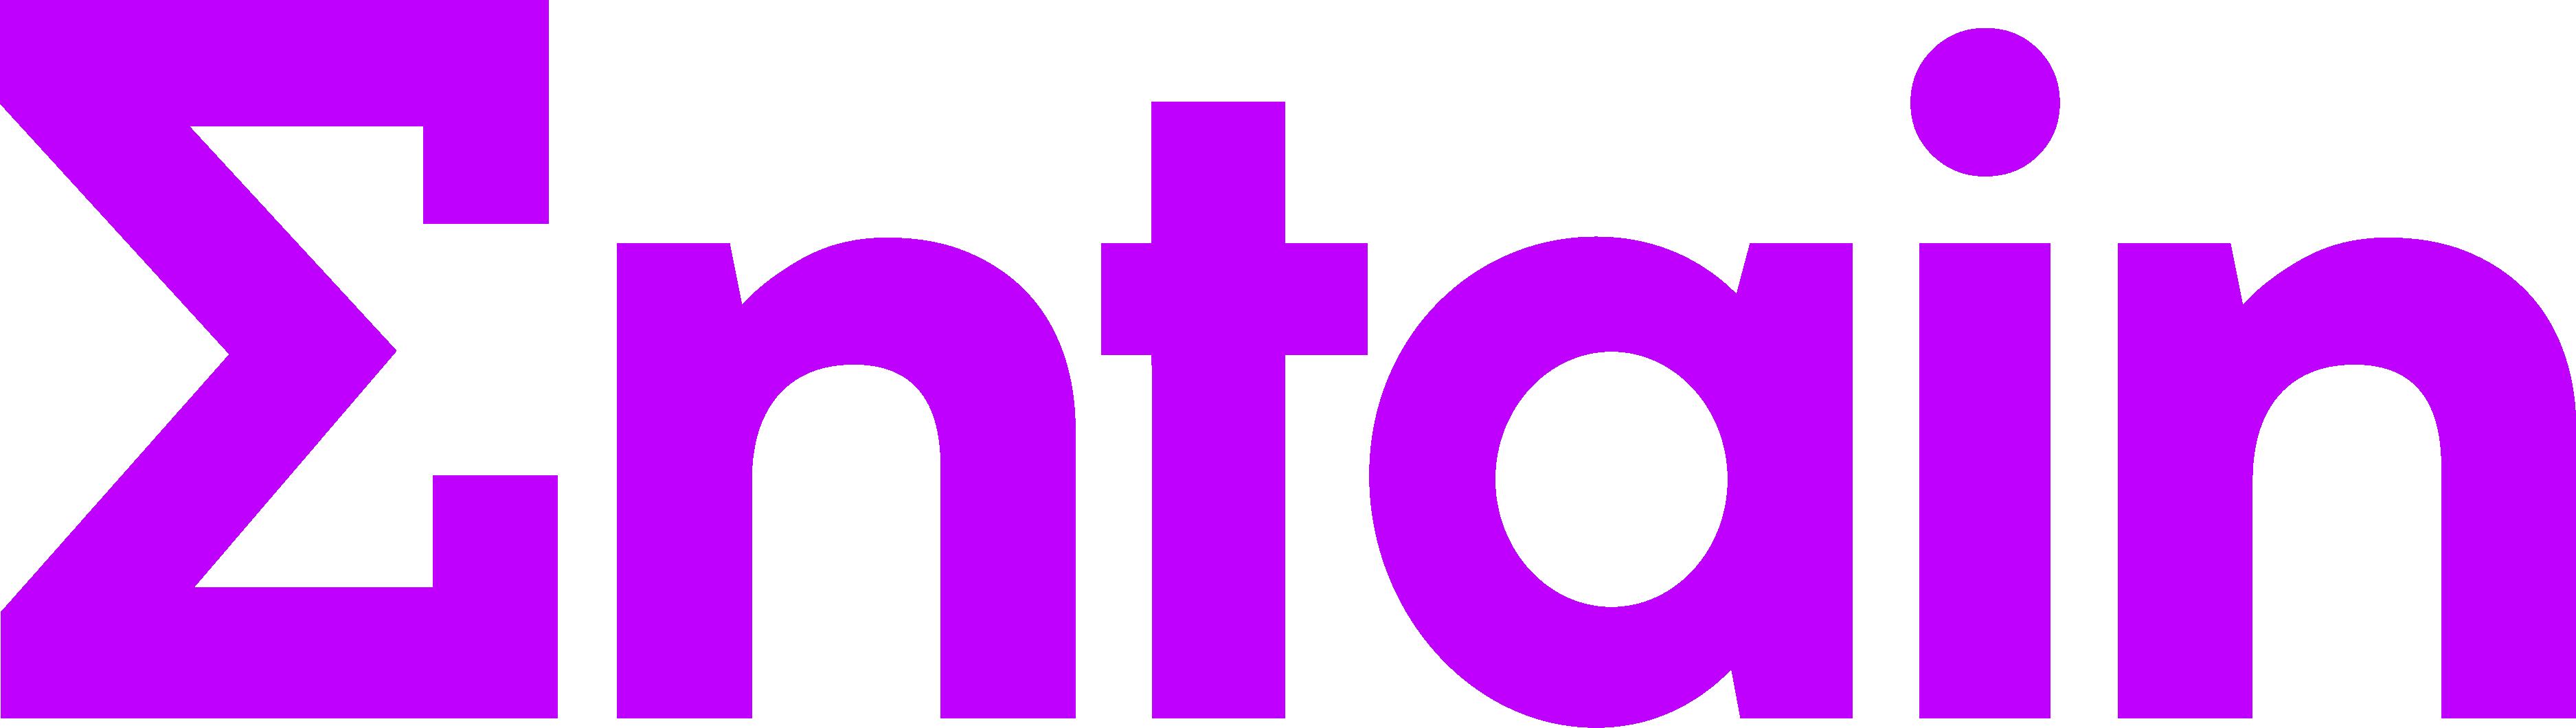 ENTAIN PLC Logo